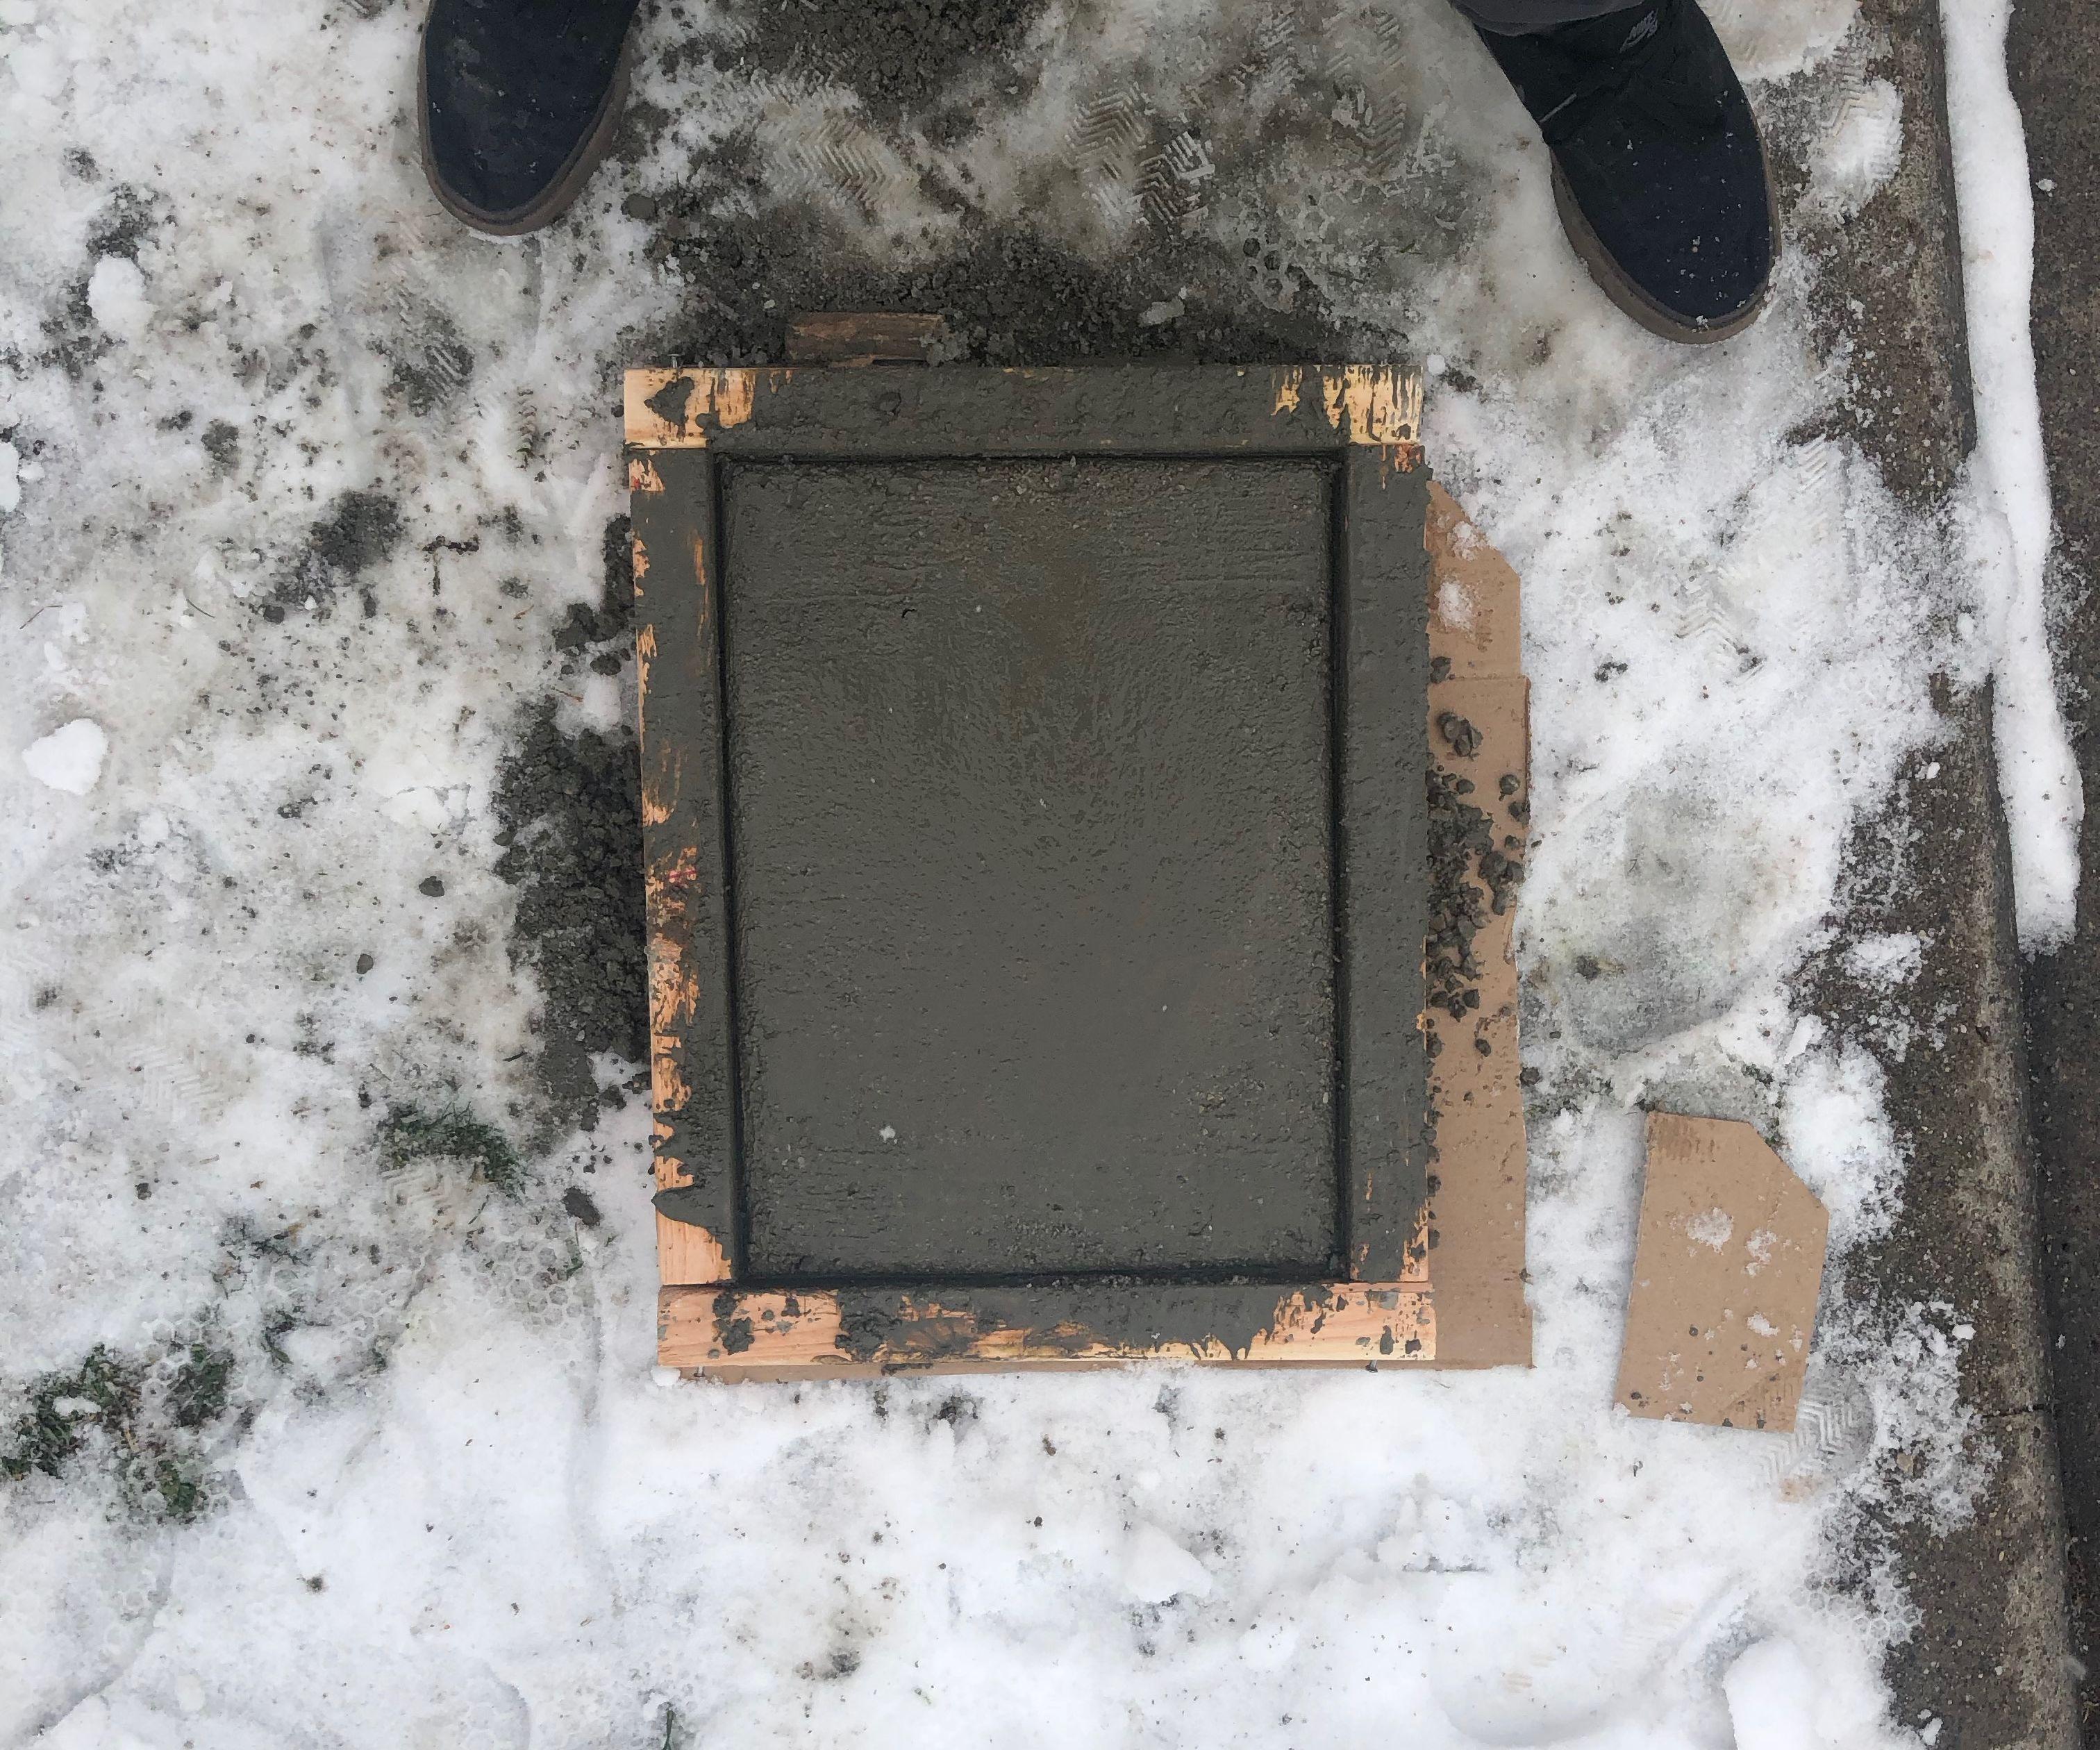 Basics of Concrete Finish Work